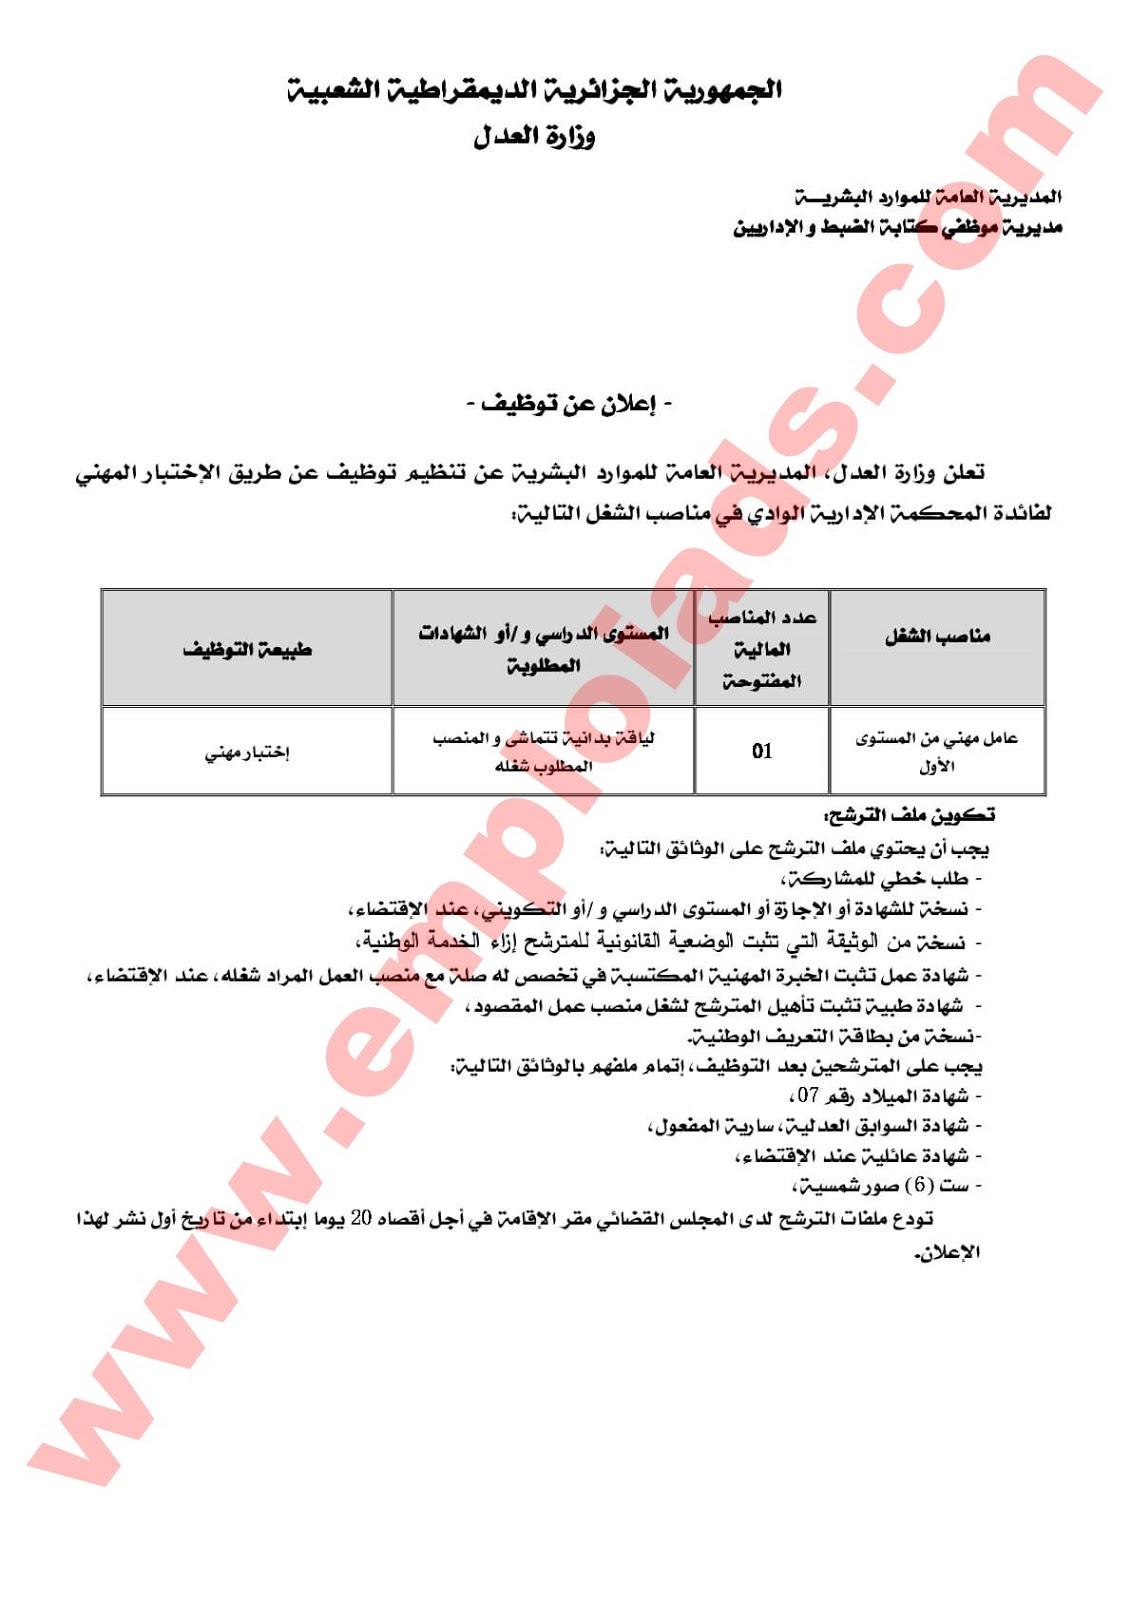 اعلان عن توظيف لفائدة المحكمة الادارية لولاية الوادي جانفي 2017